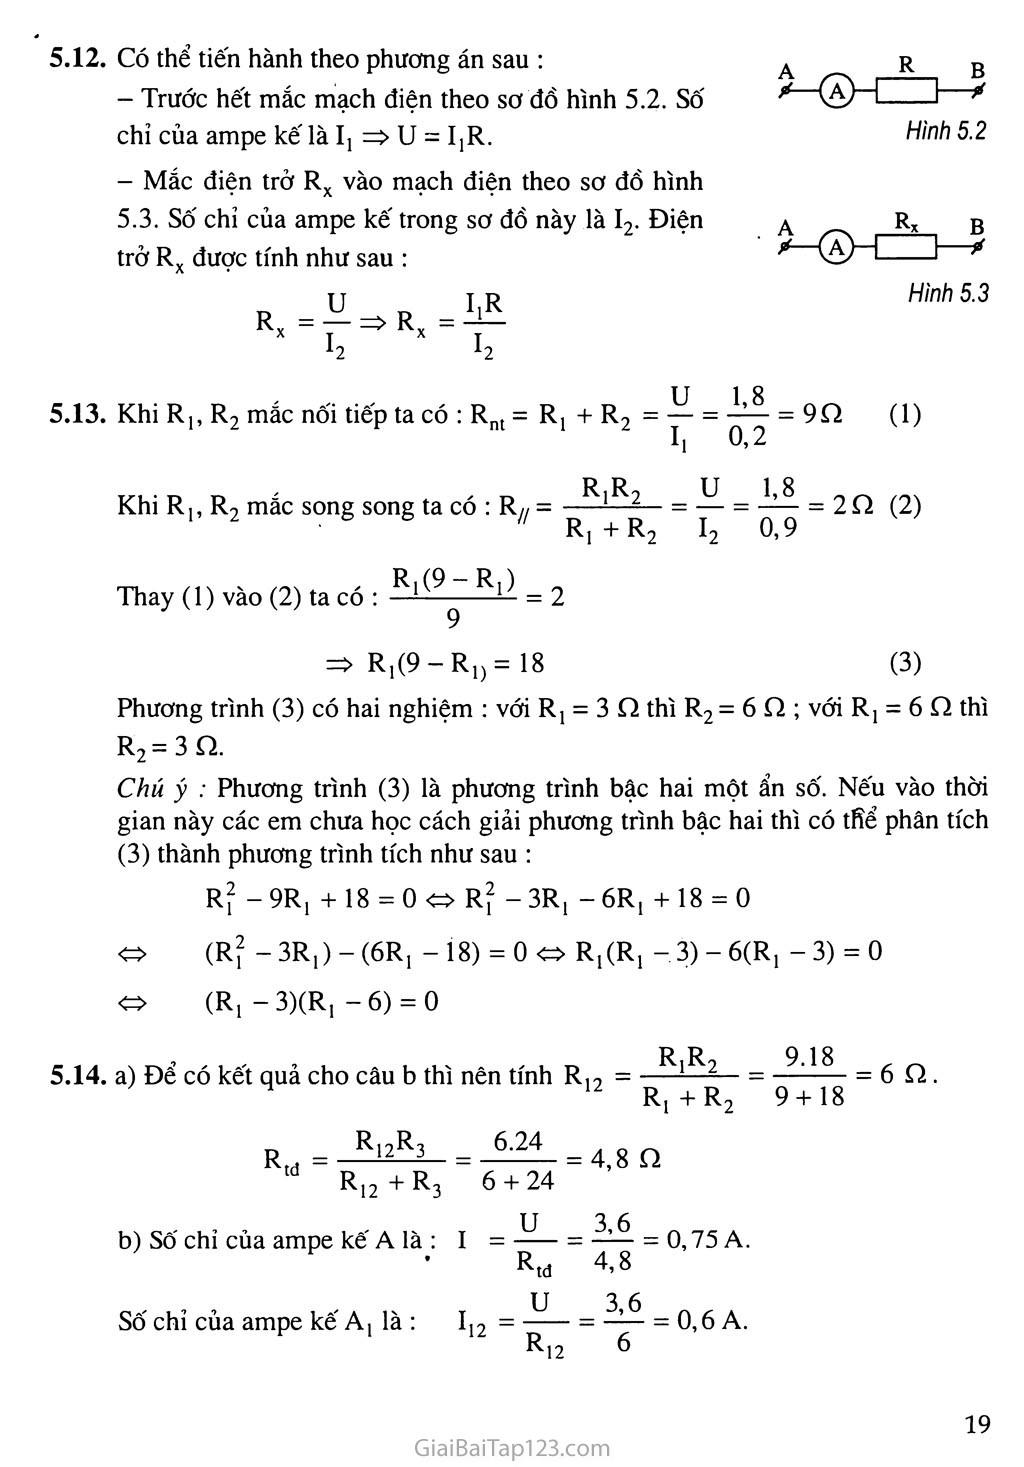 Bài 5: Đoạn mạch song song trang 5